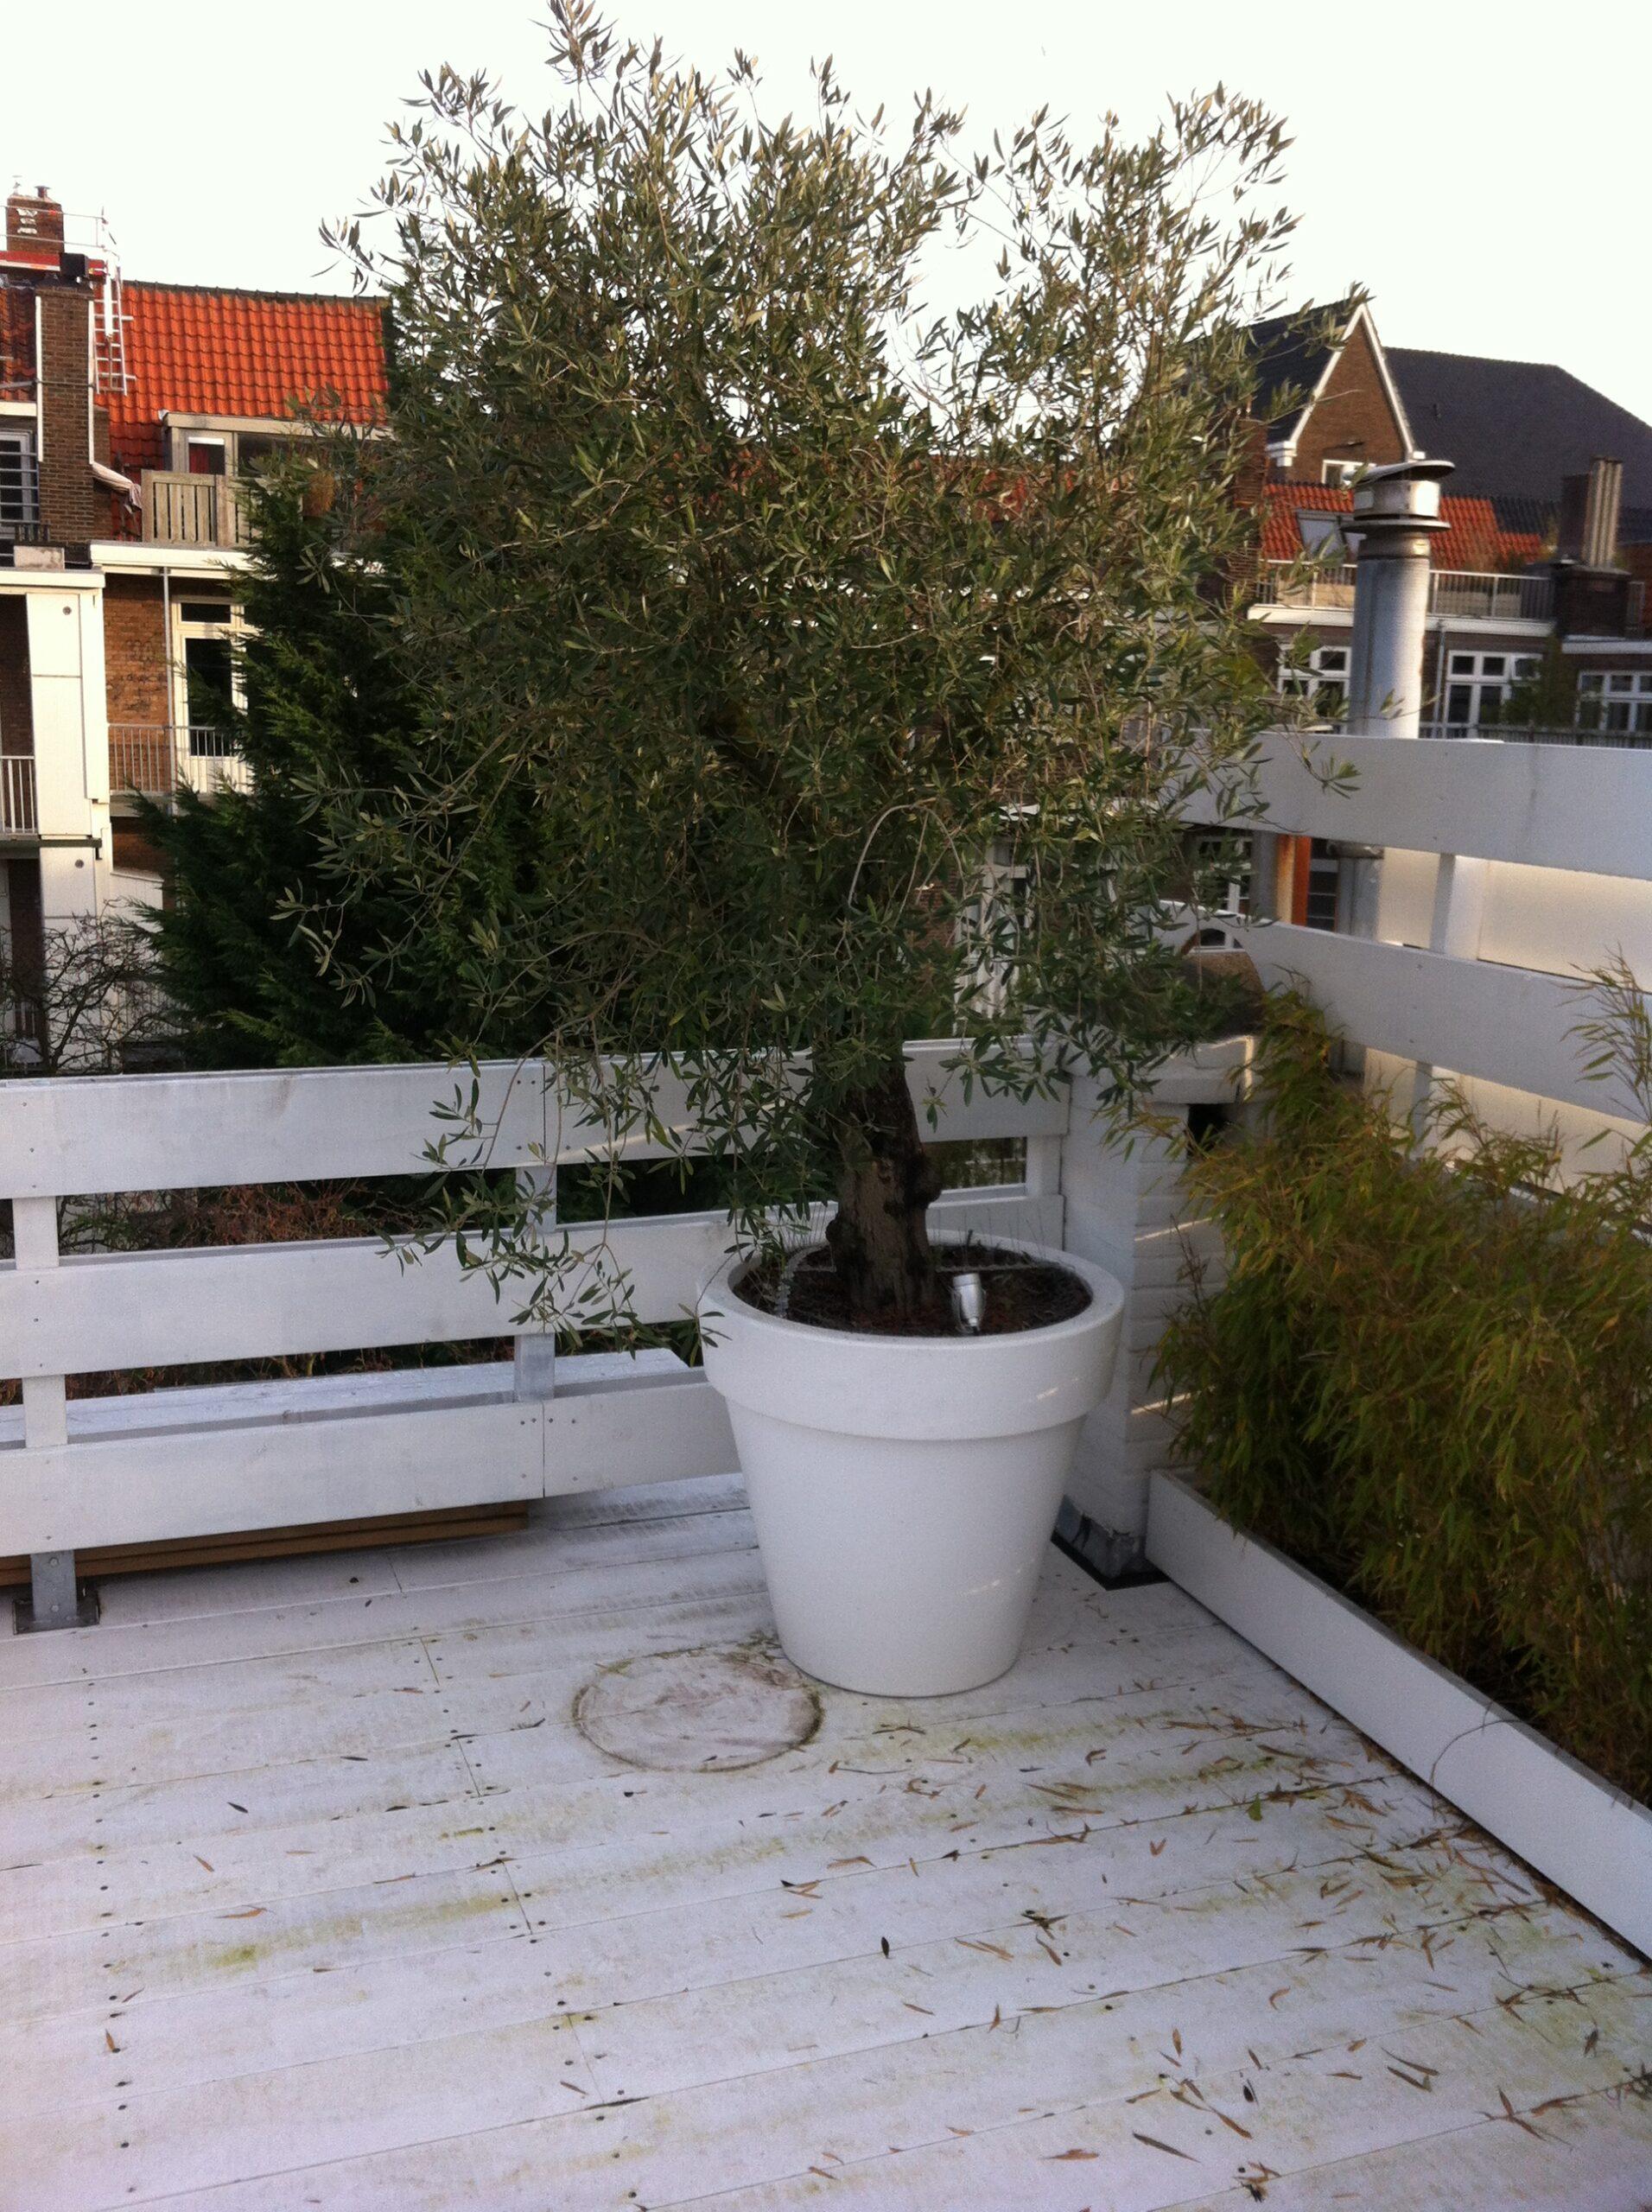 Hoe bescherm je olijfbomen in de winter?